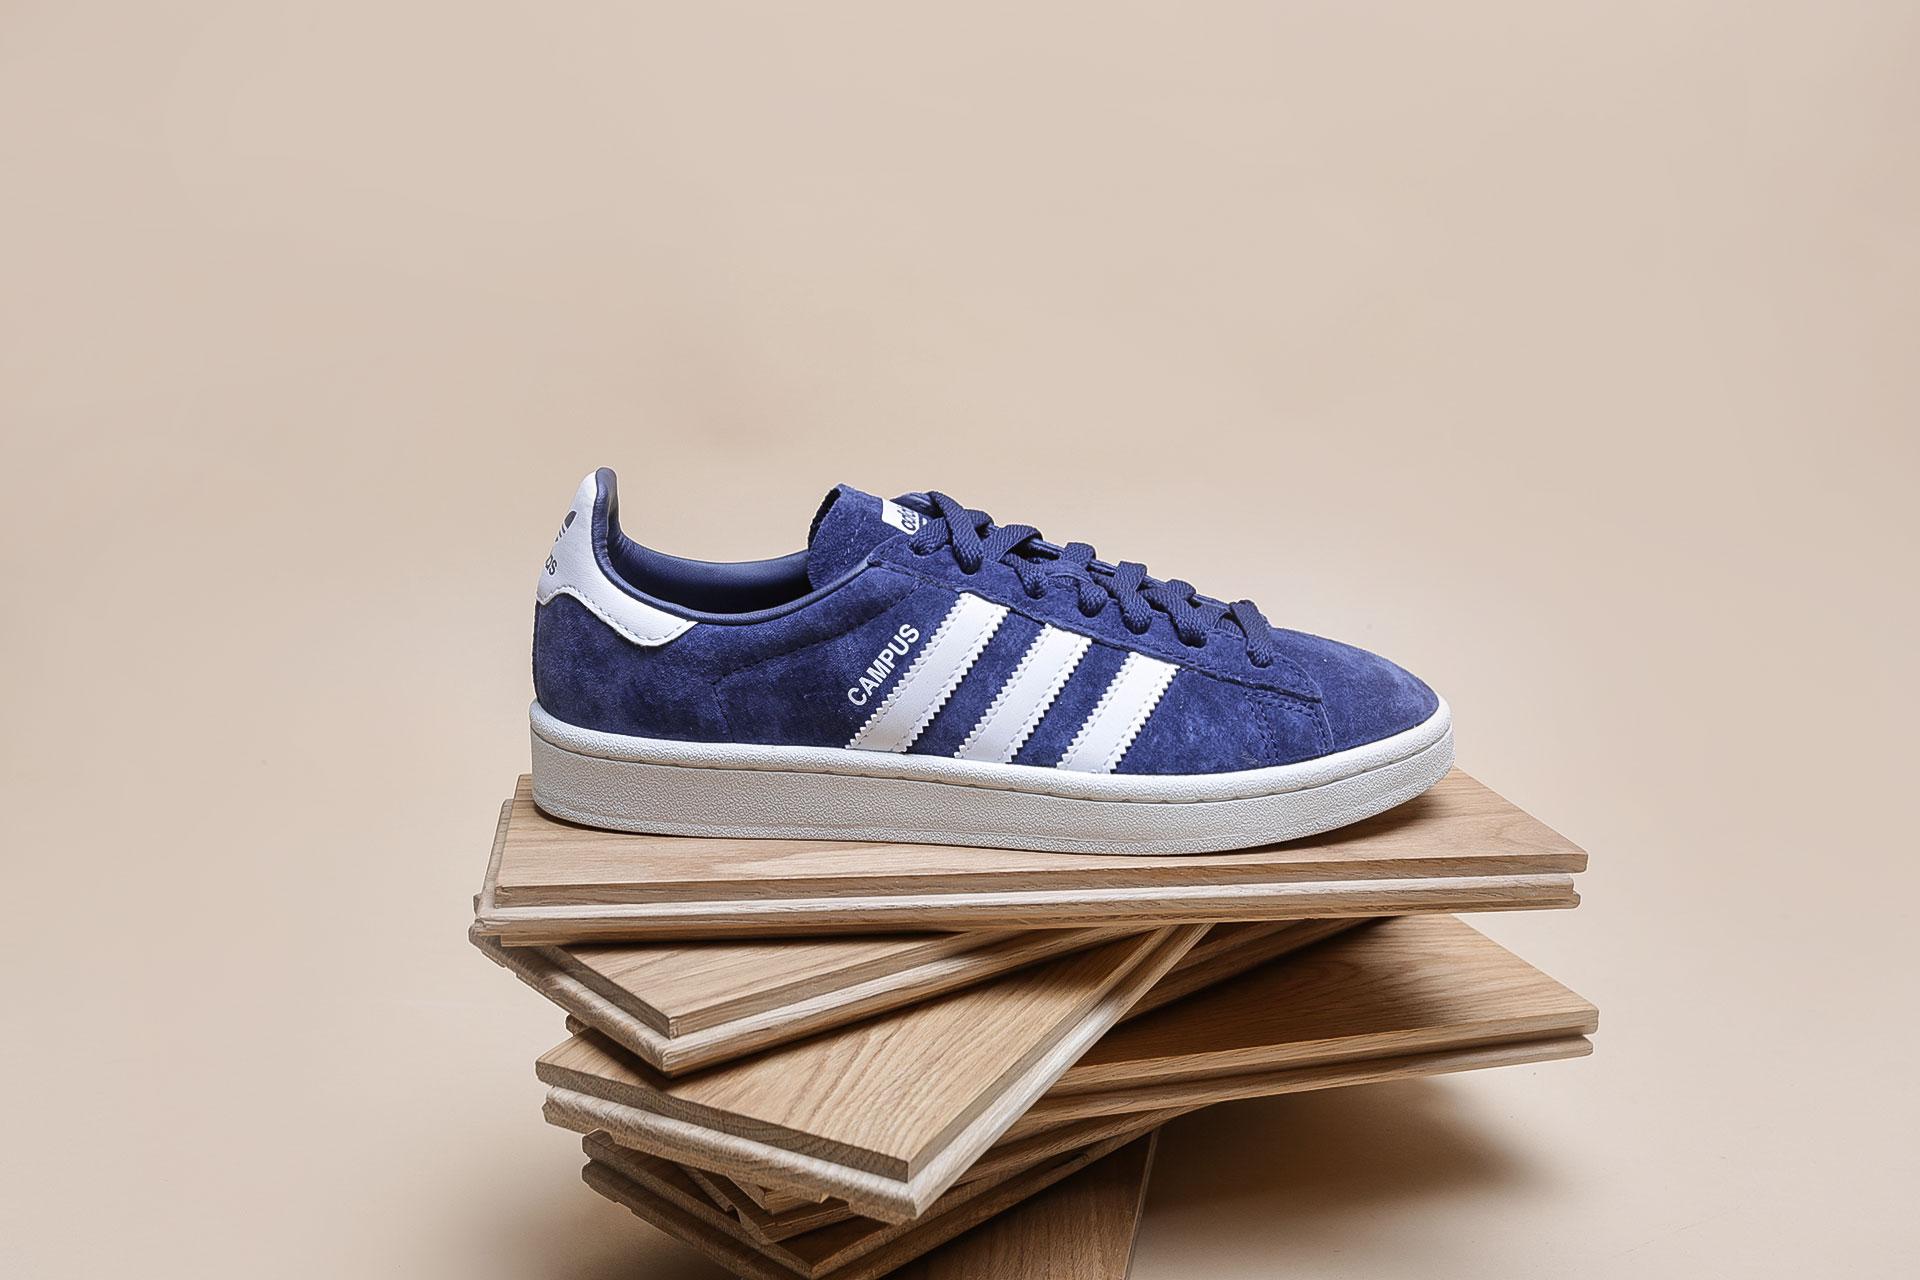 88fb27c8739d14 Купить синие мужские кроссовки Campus от adidas Originals (BZ0086 ...